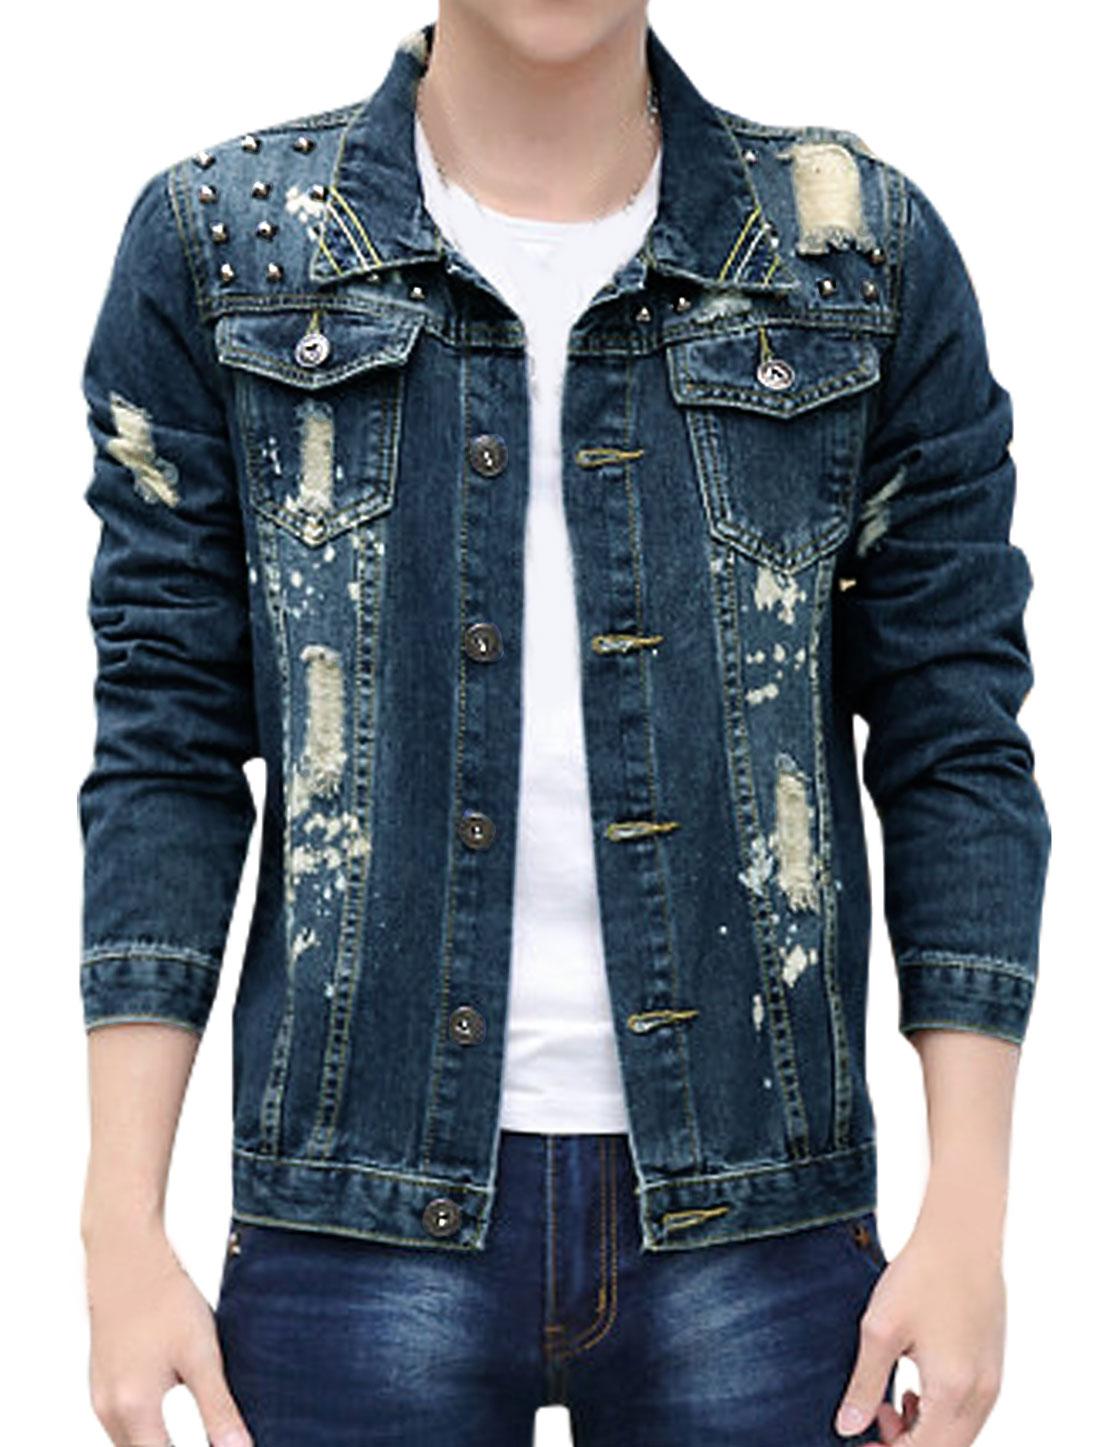 Men Rivets Decor Distressed Paint Spots Jean Jacket Blue S